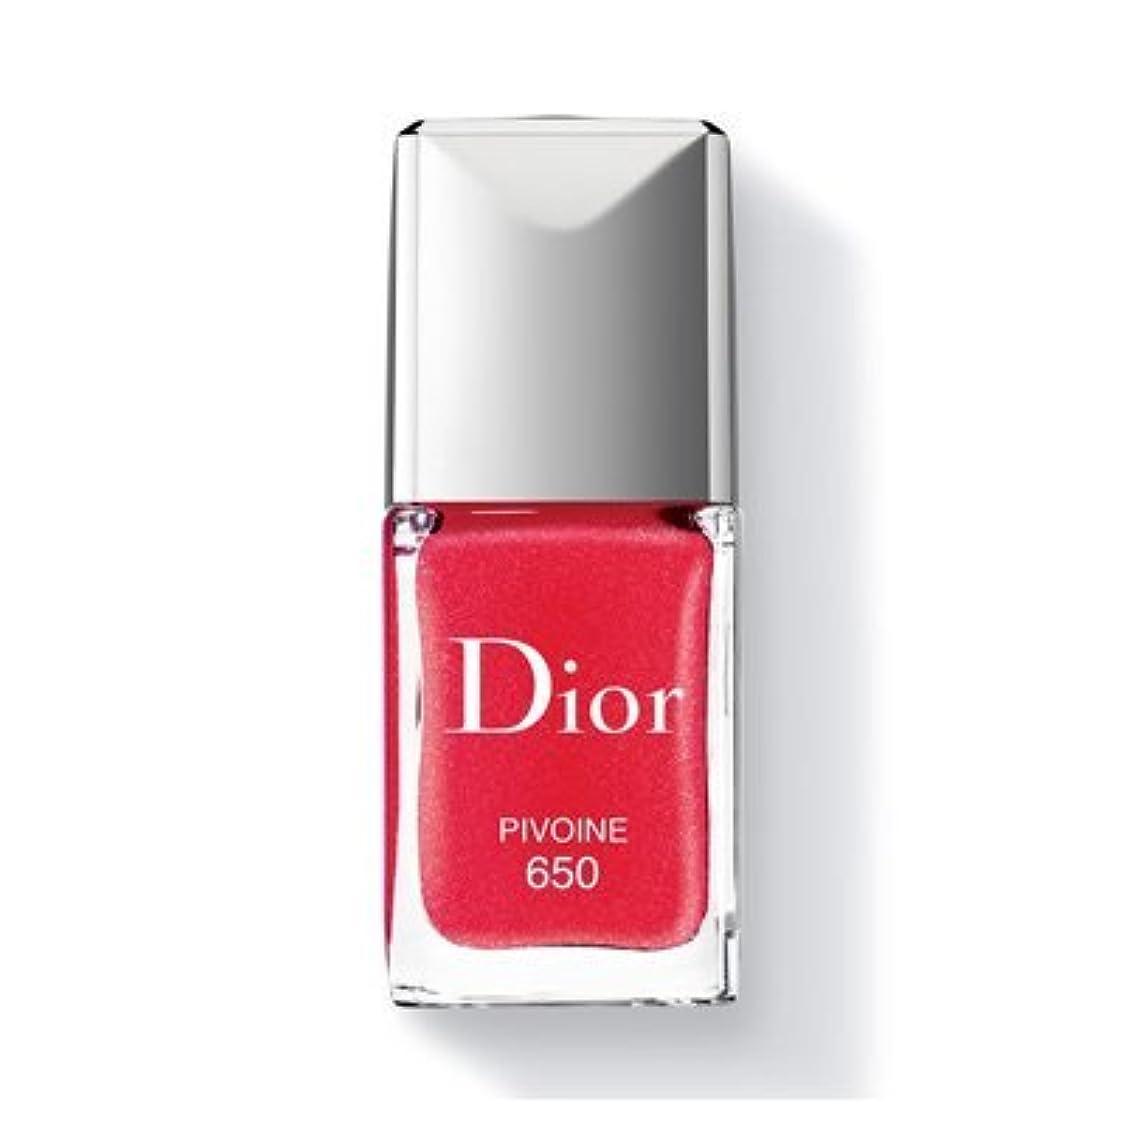 ネット十一マーカーChristian Dior クリスチャン ディオール ディオール ヴェルニ #650 PIVOINE 10ml [並行輸入品]